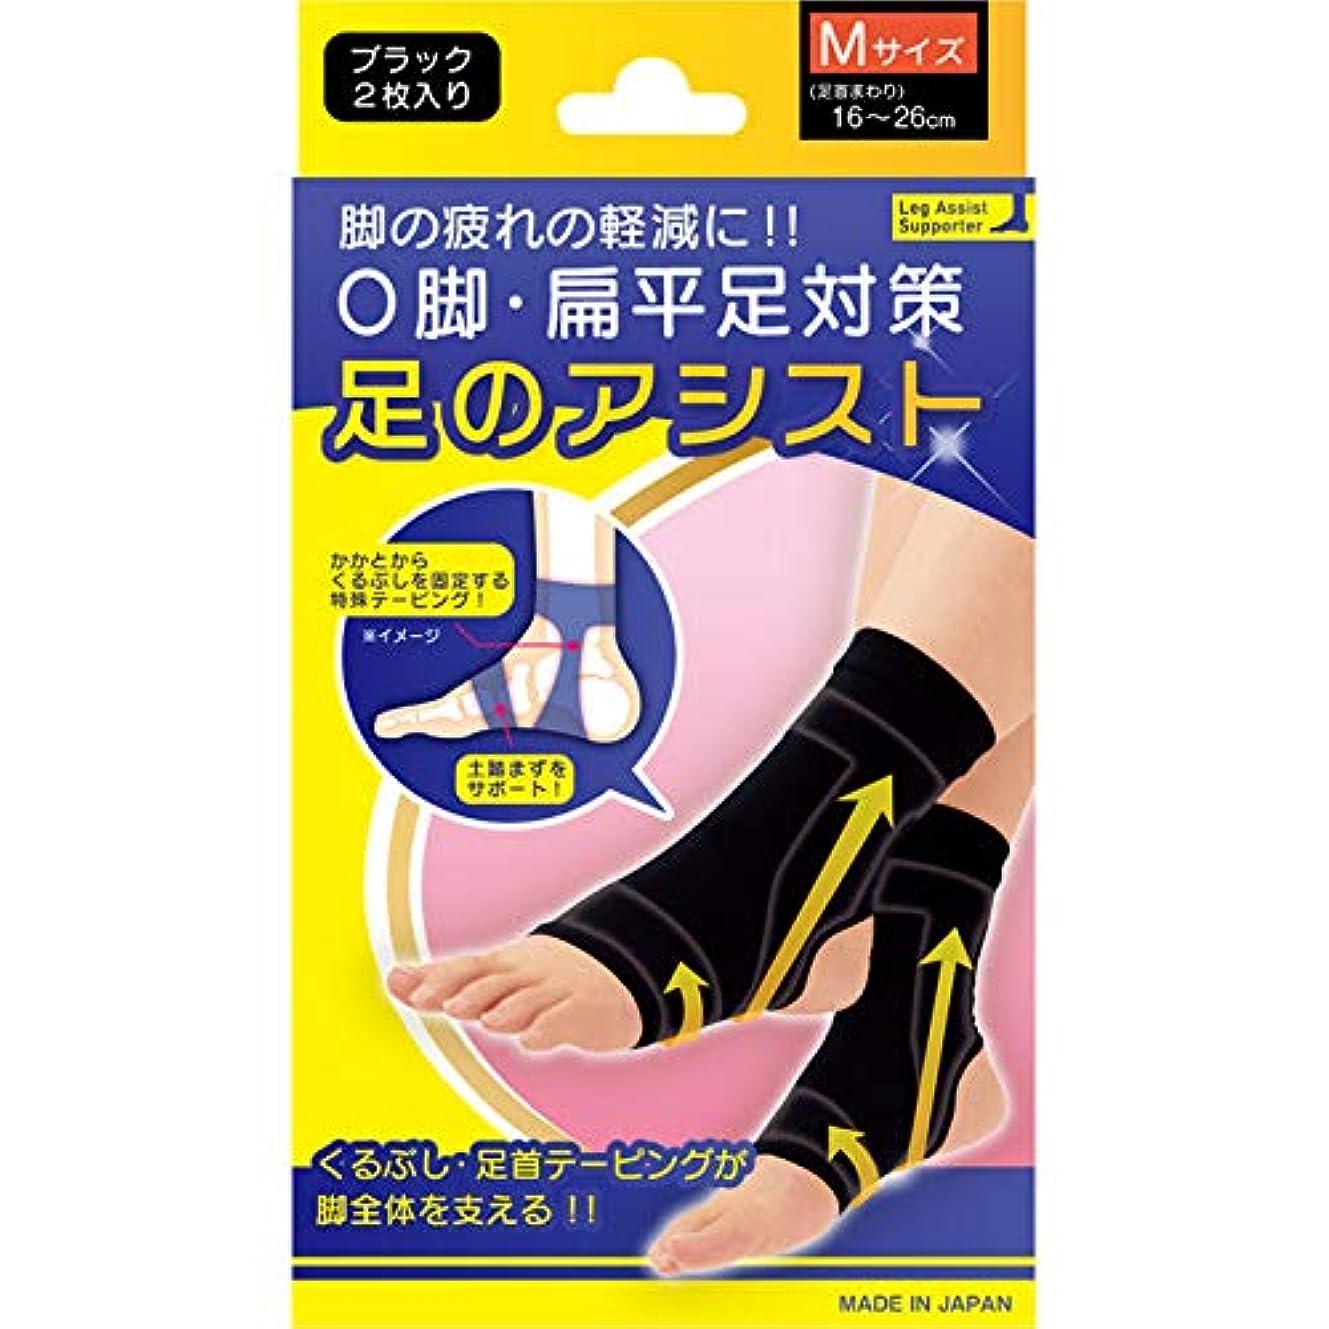 認識パテ発生器美脚足のアシスト ブラック 2枚入り Mサイズ(足首まわり16~26cm)